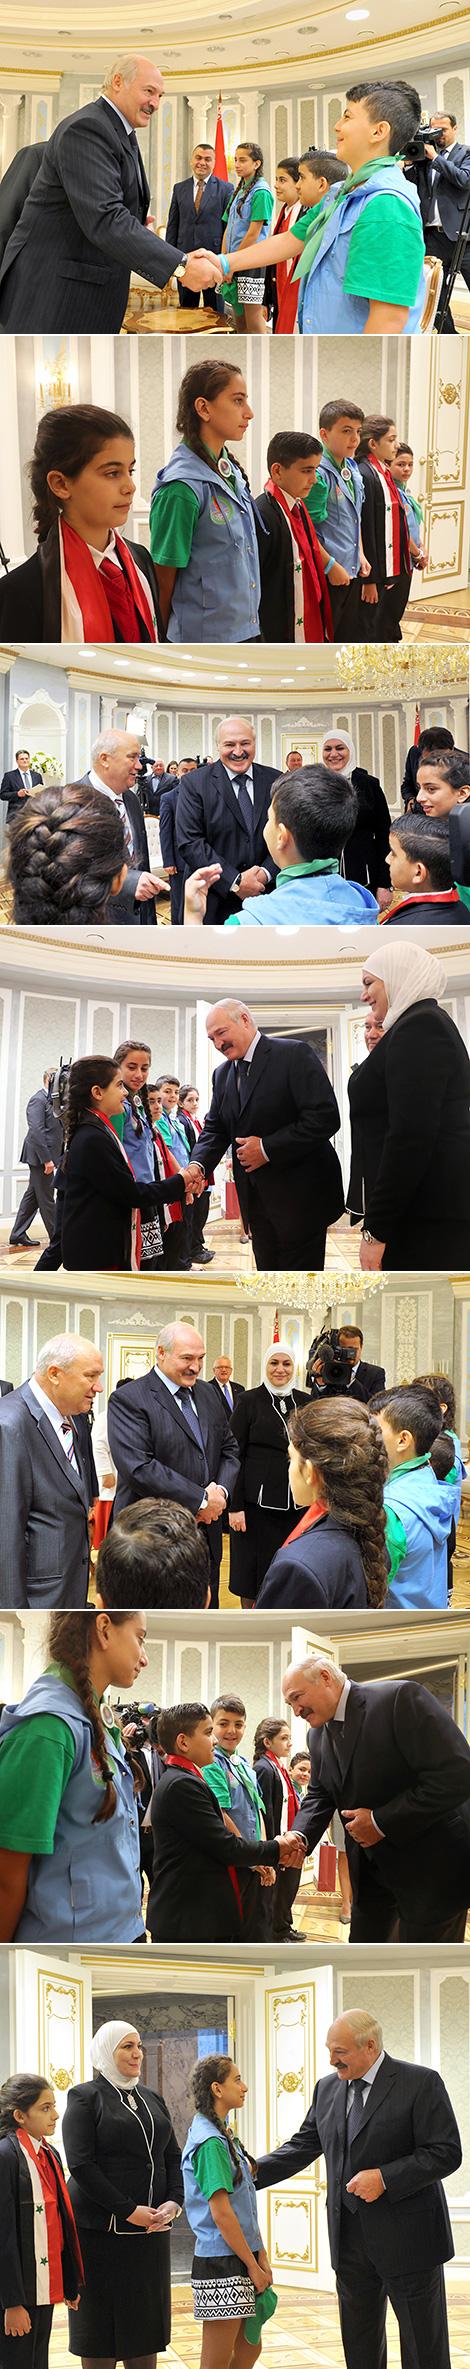 Президент Беларуси Александр Лукашенко пообщался с детьми из Сирии